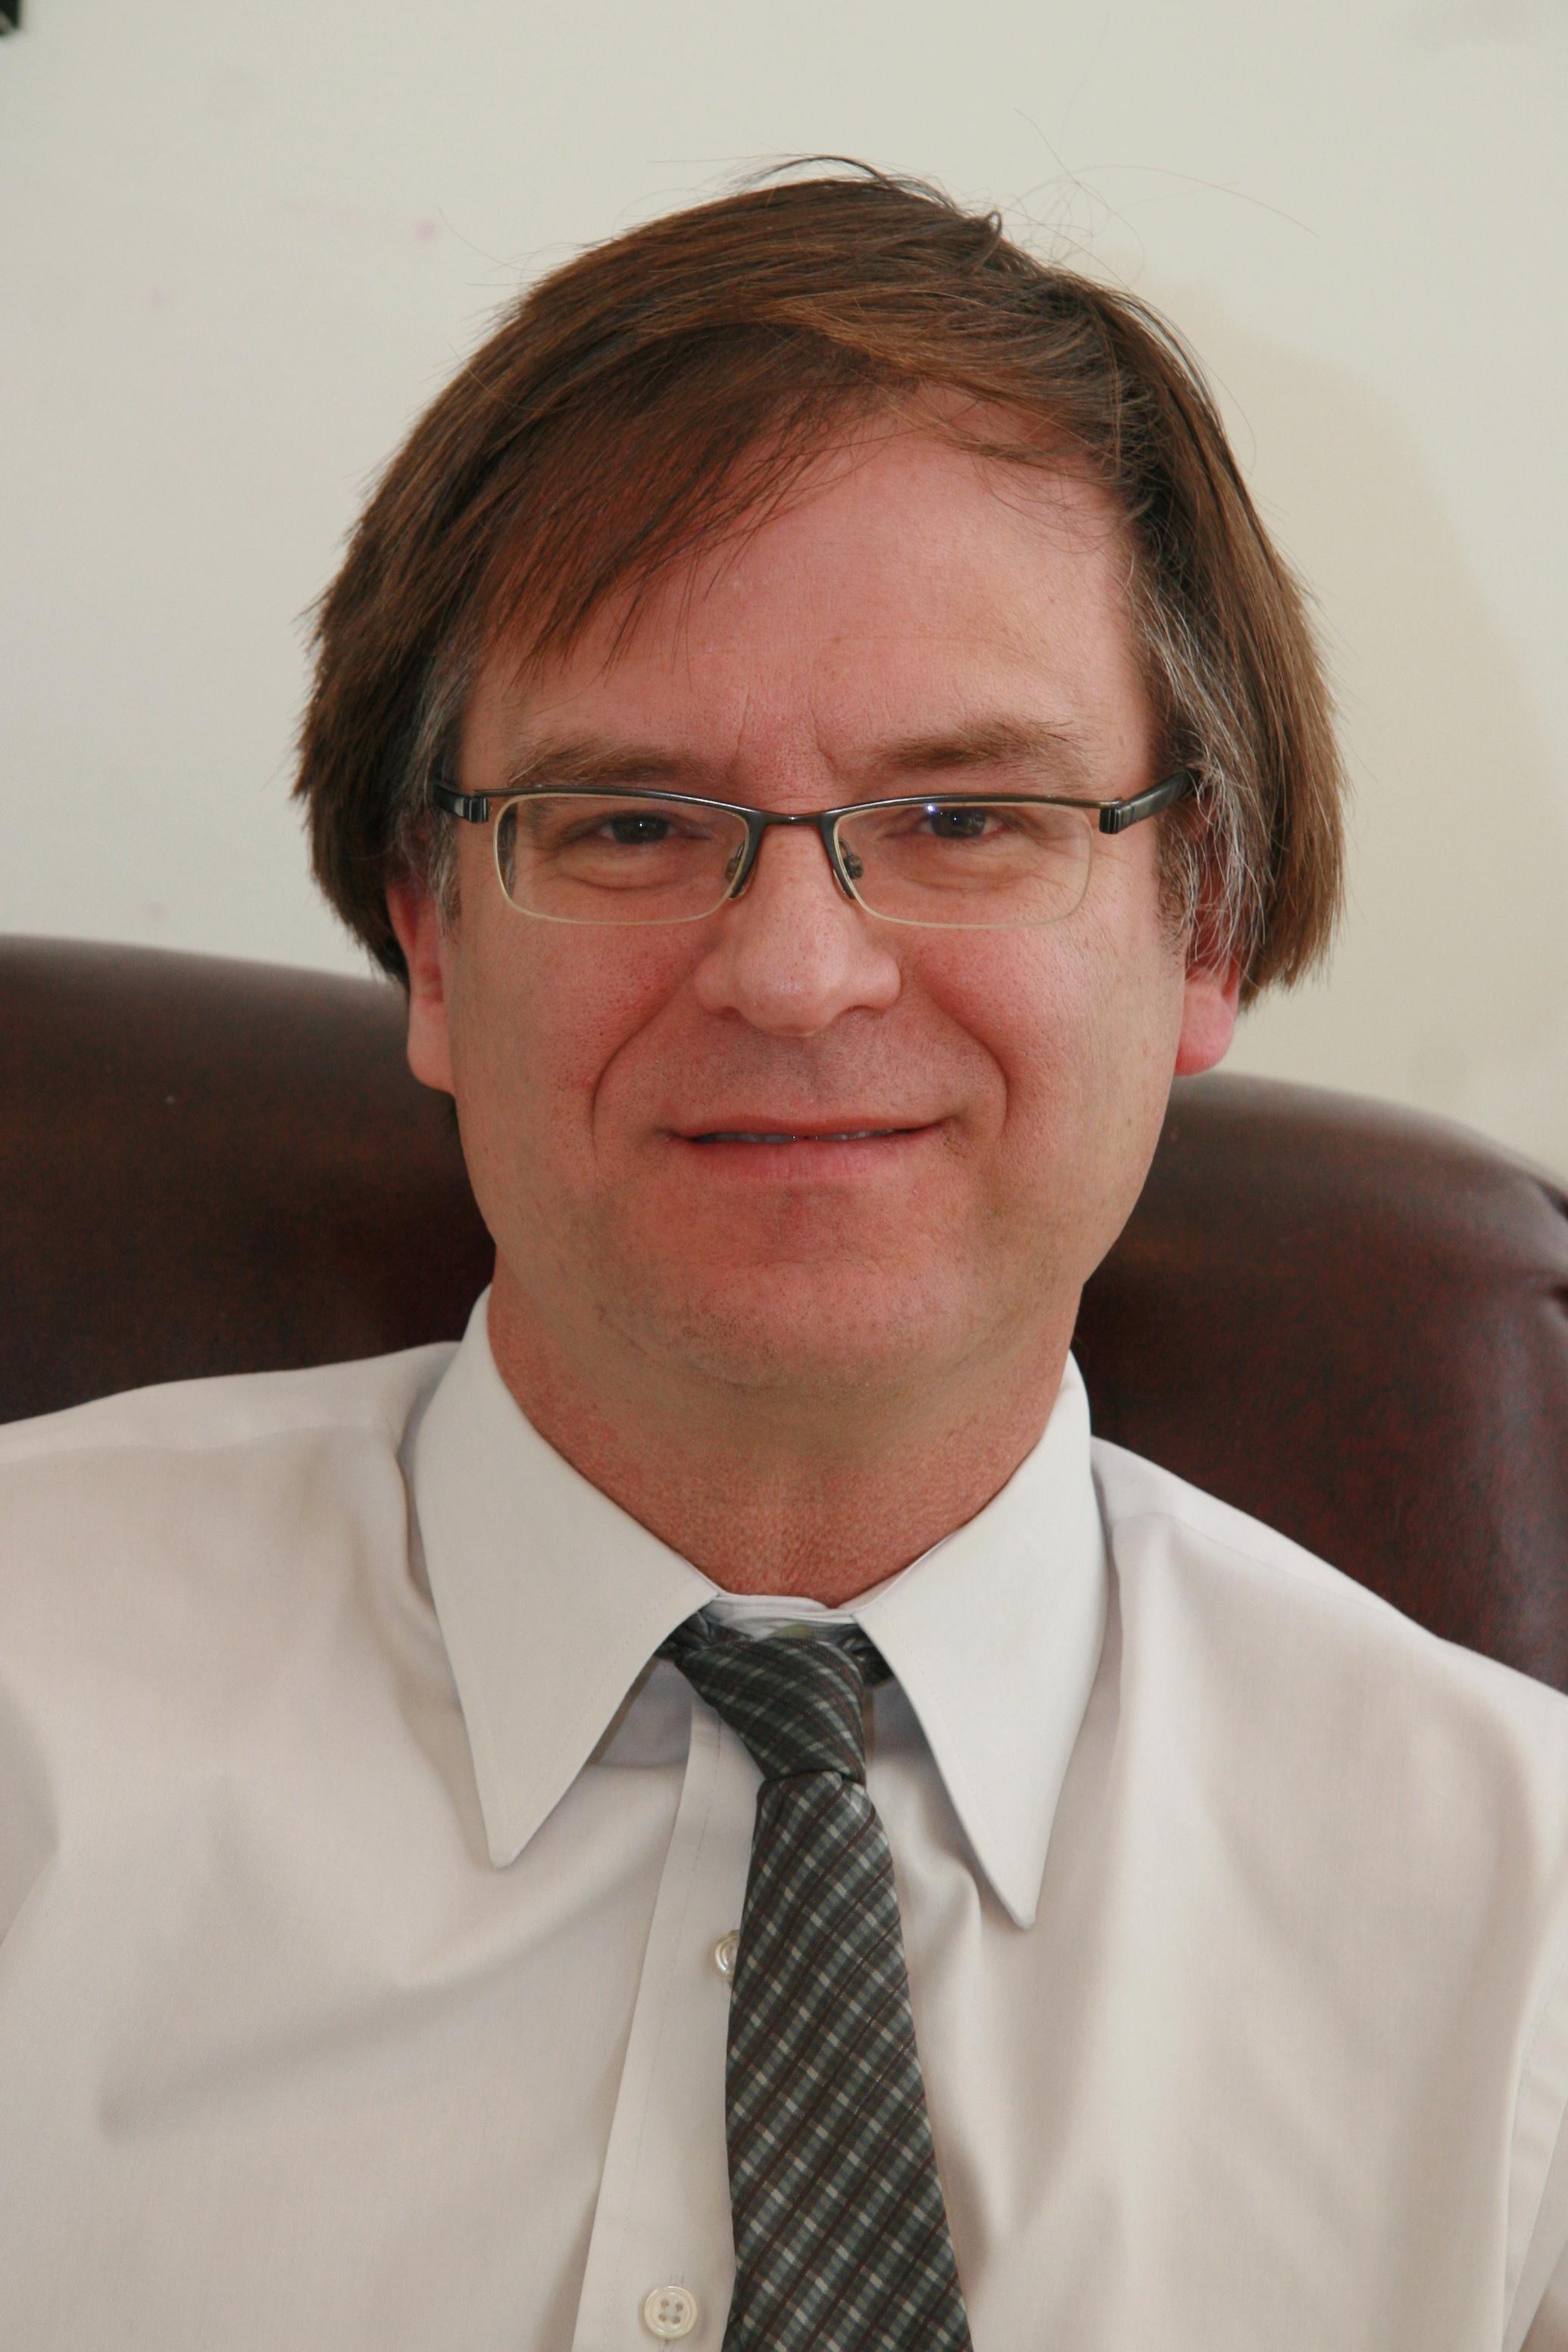 Thomas J. Erickson